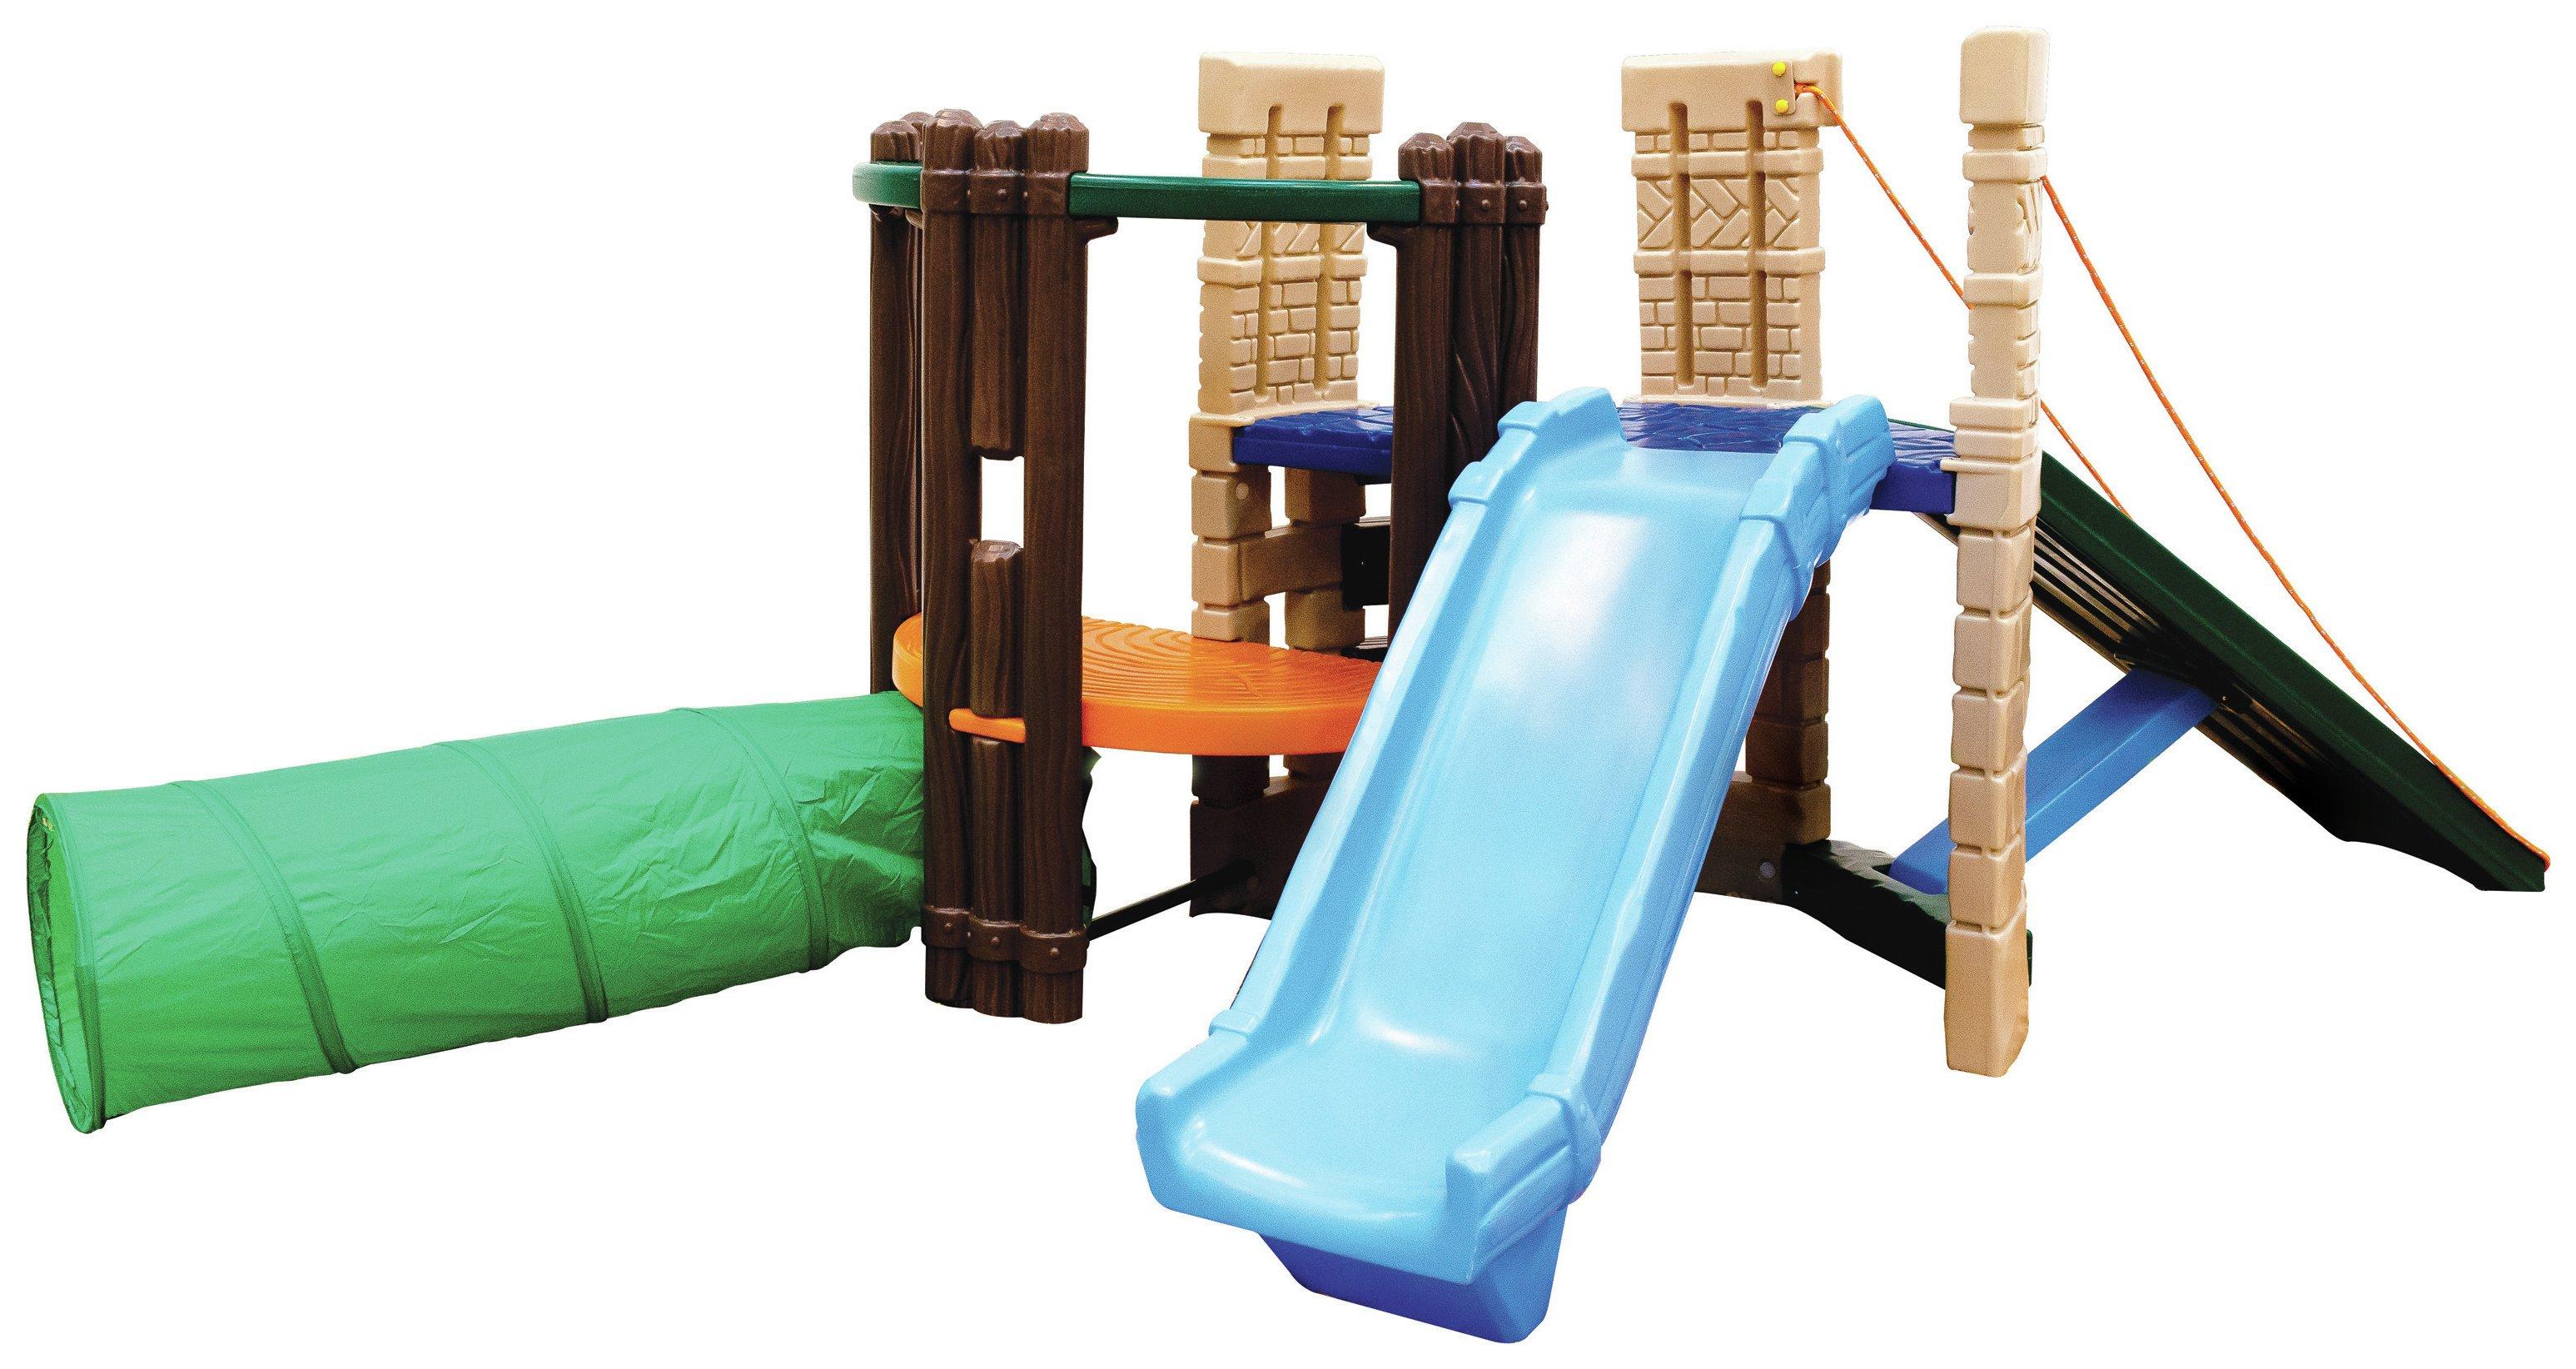 050743626272 upc little tikes 402 k plein air aire de. Black Bedroom Furniture Sets. Home Design Ideas